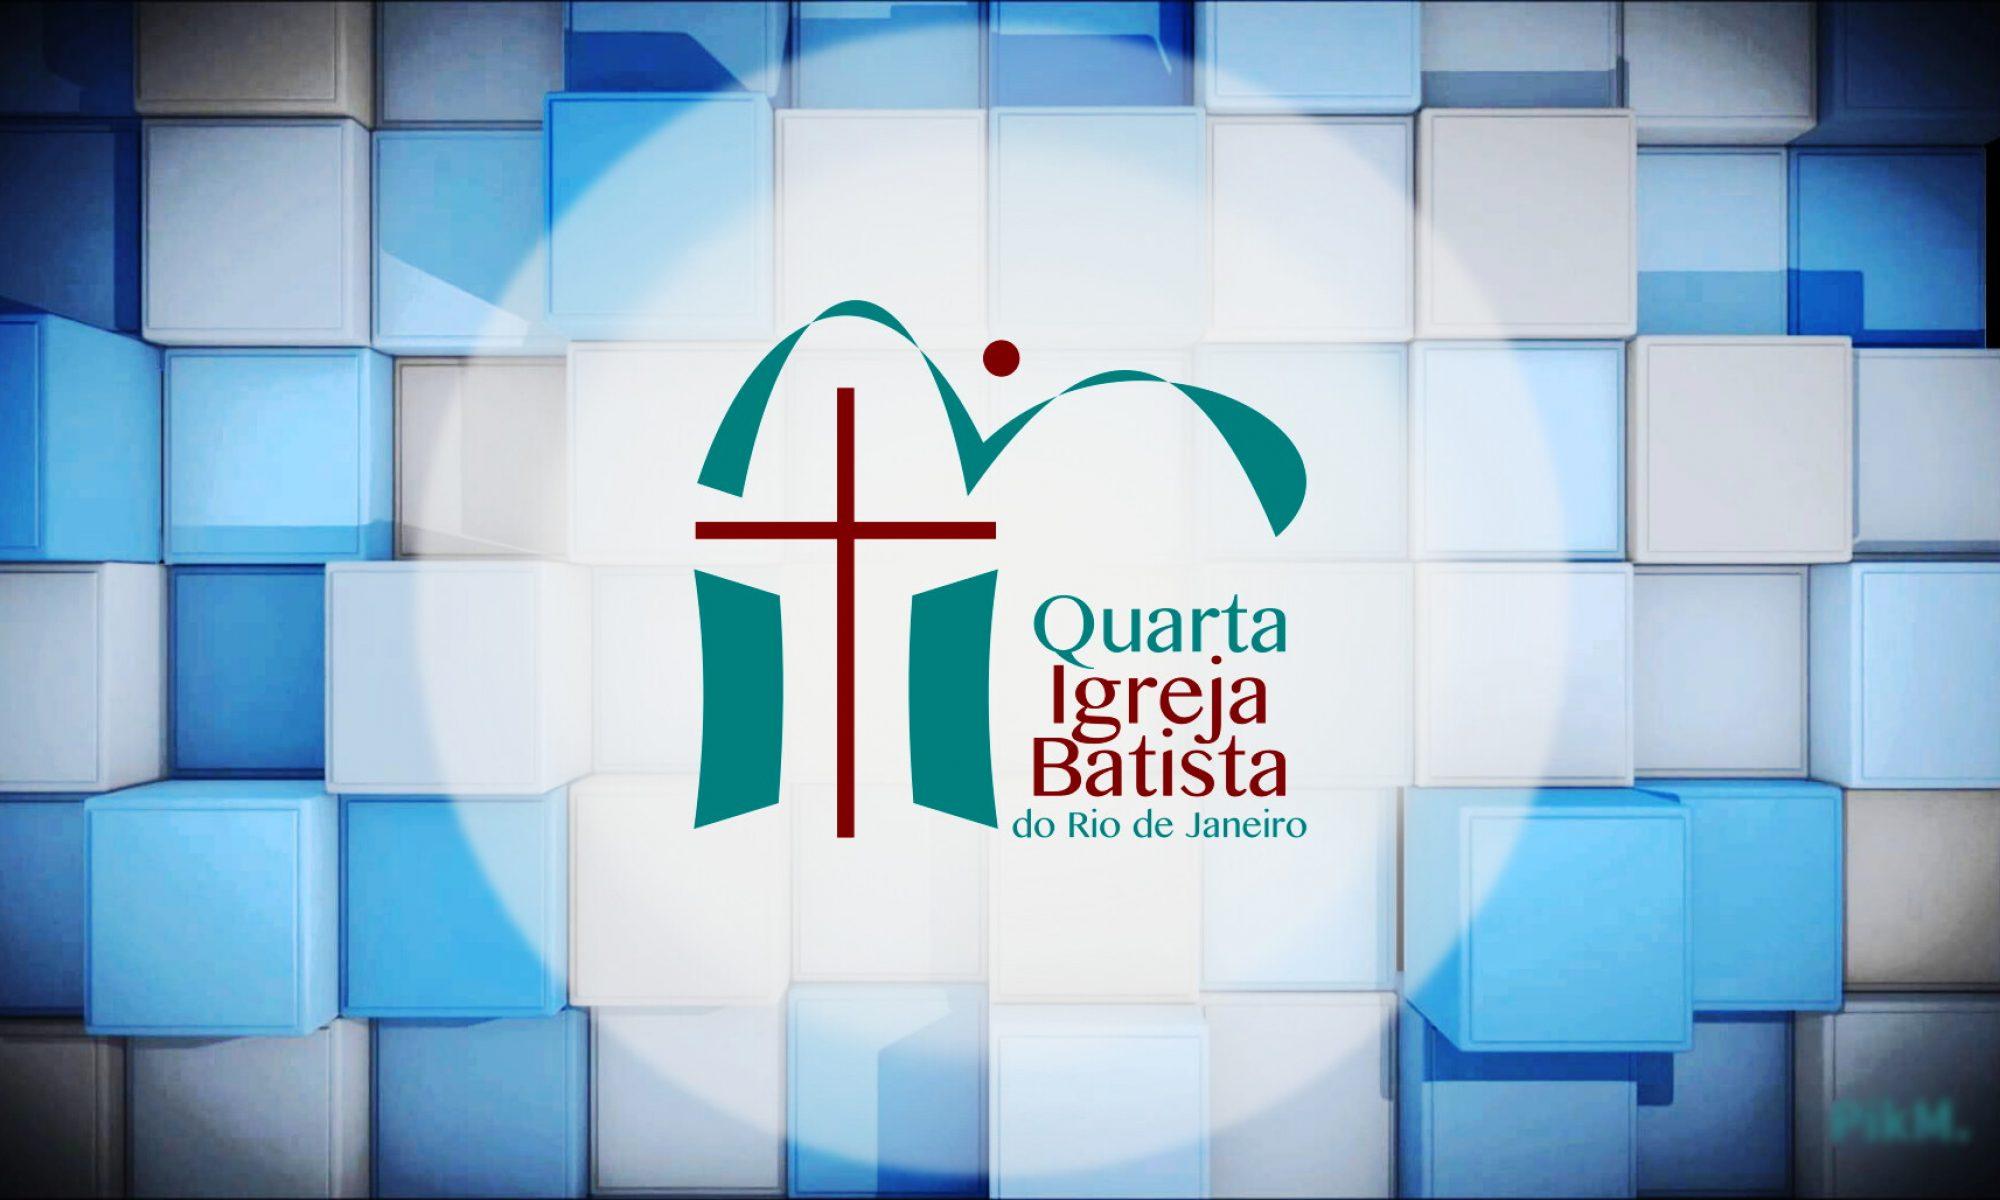 Quarta Igreja Batista do Rio de Janeiro